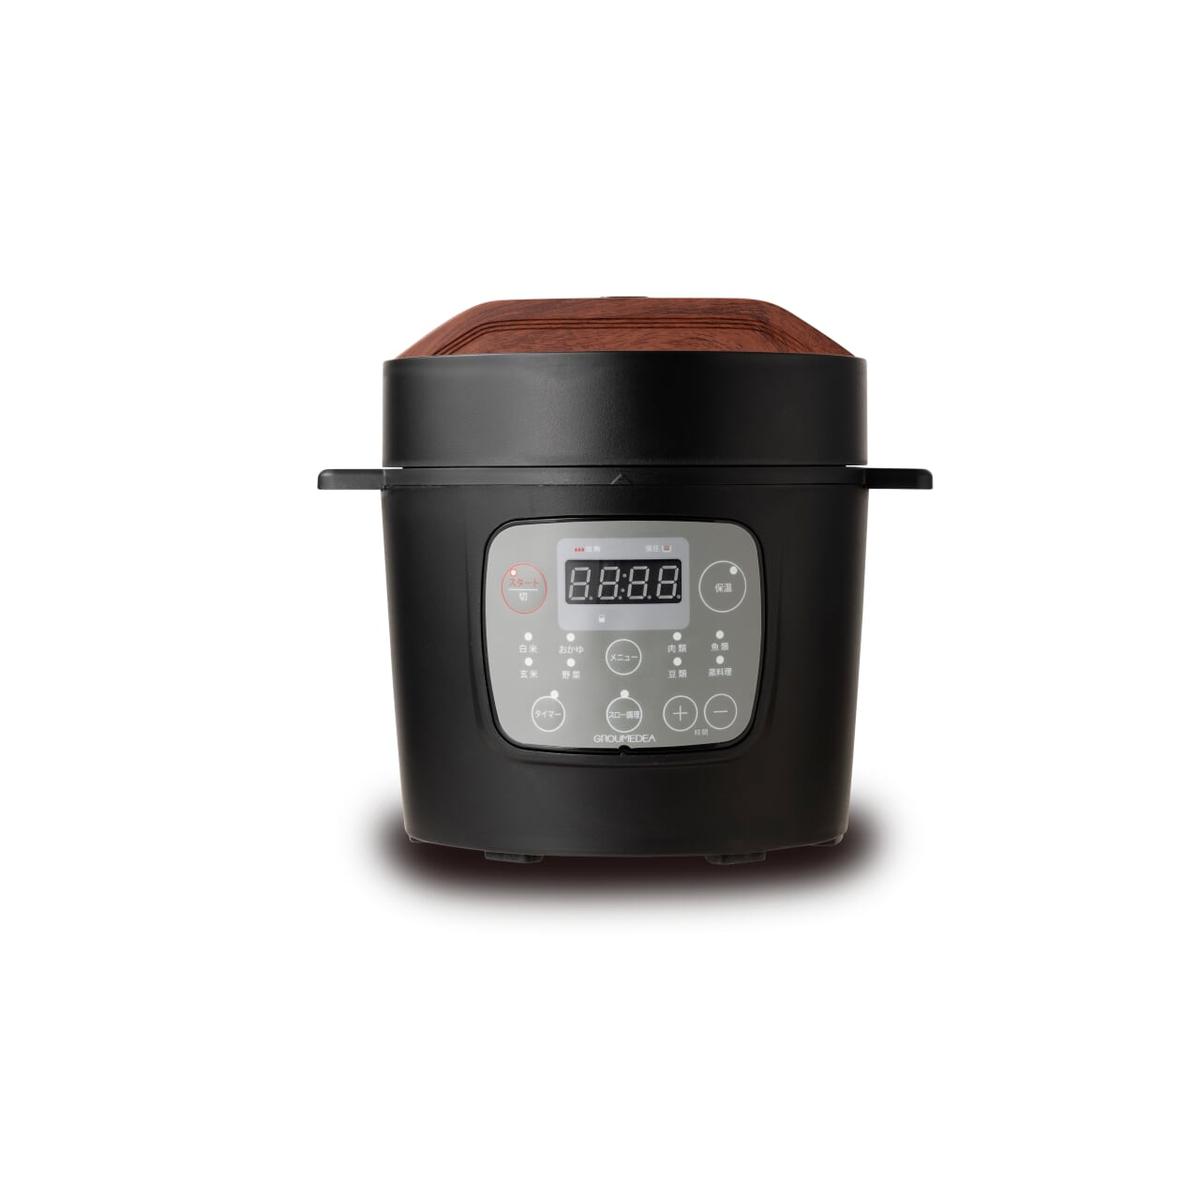 ユアサ 電気圧力鍋 メーカー公式 YBW20-70B 春の新作